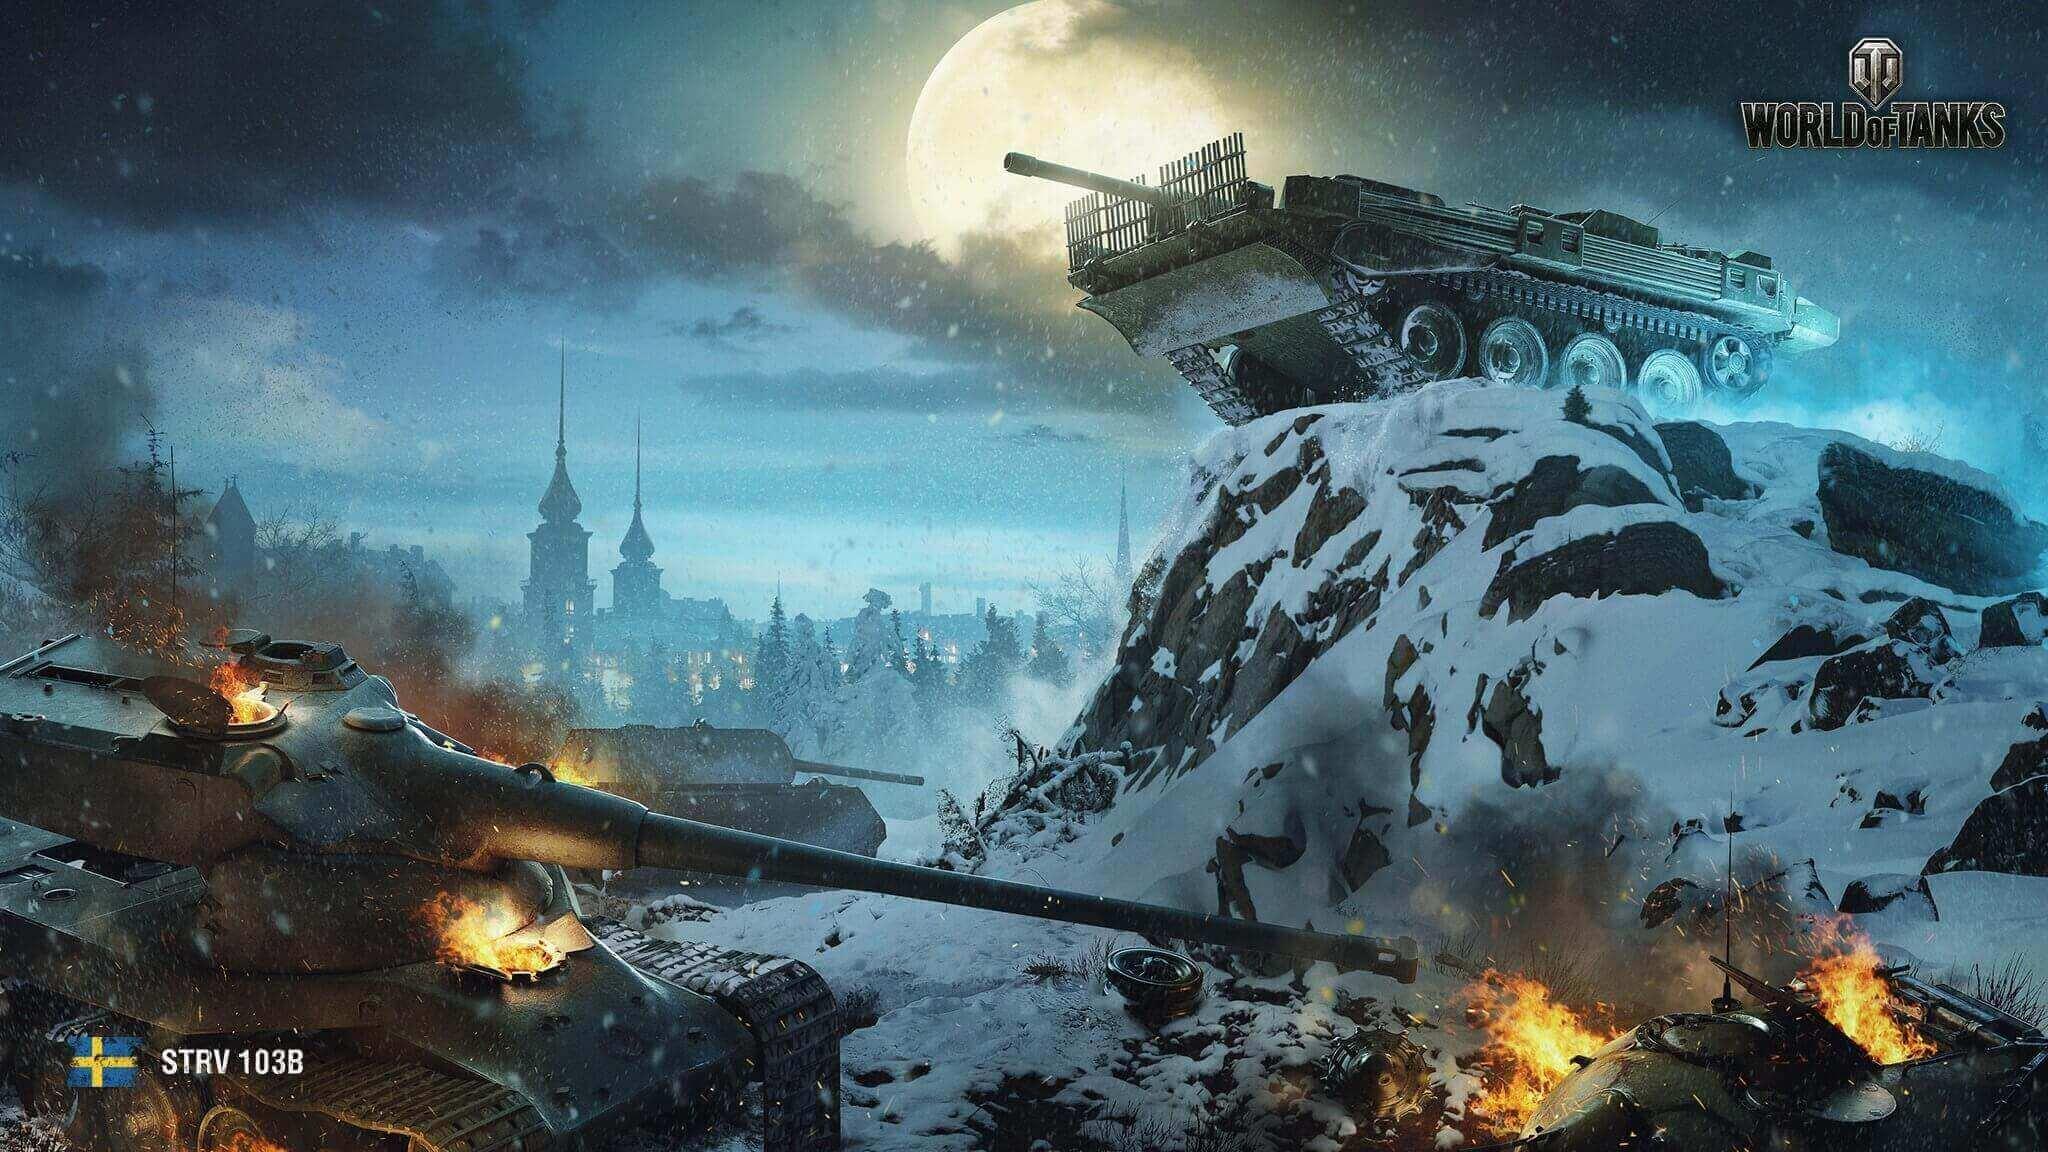 16年12月壁紙 Strv 103b 戦車 World Of Tanks メディア 最高のビデオやアートワーク